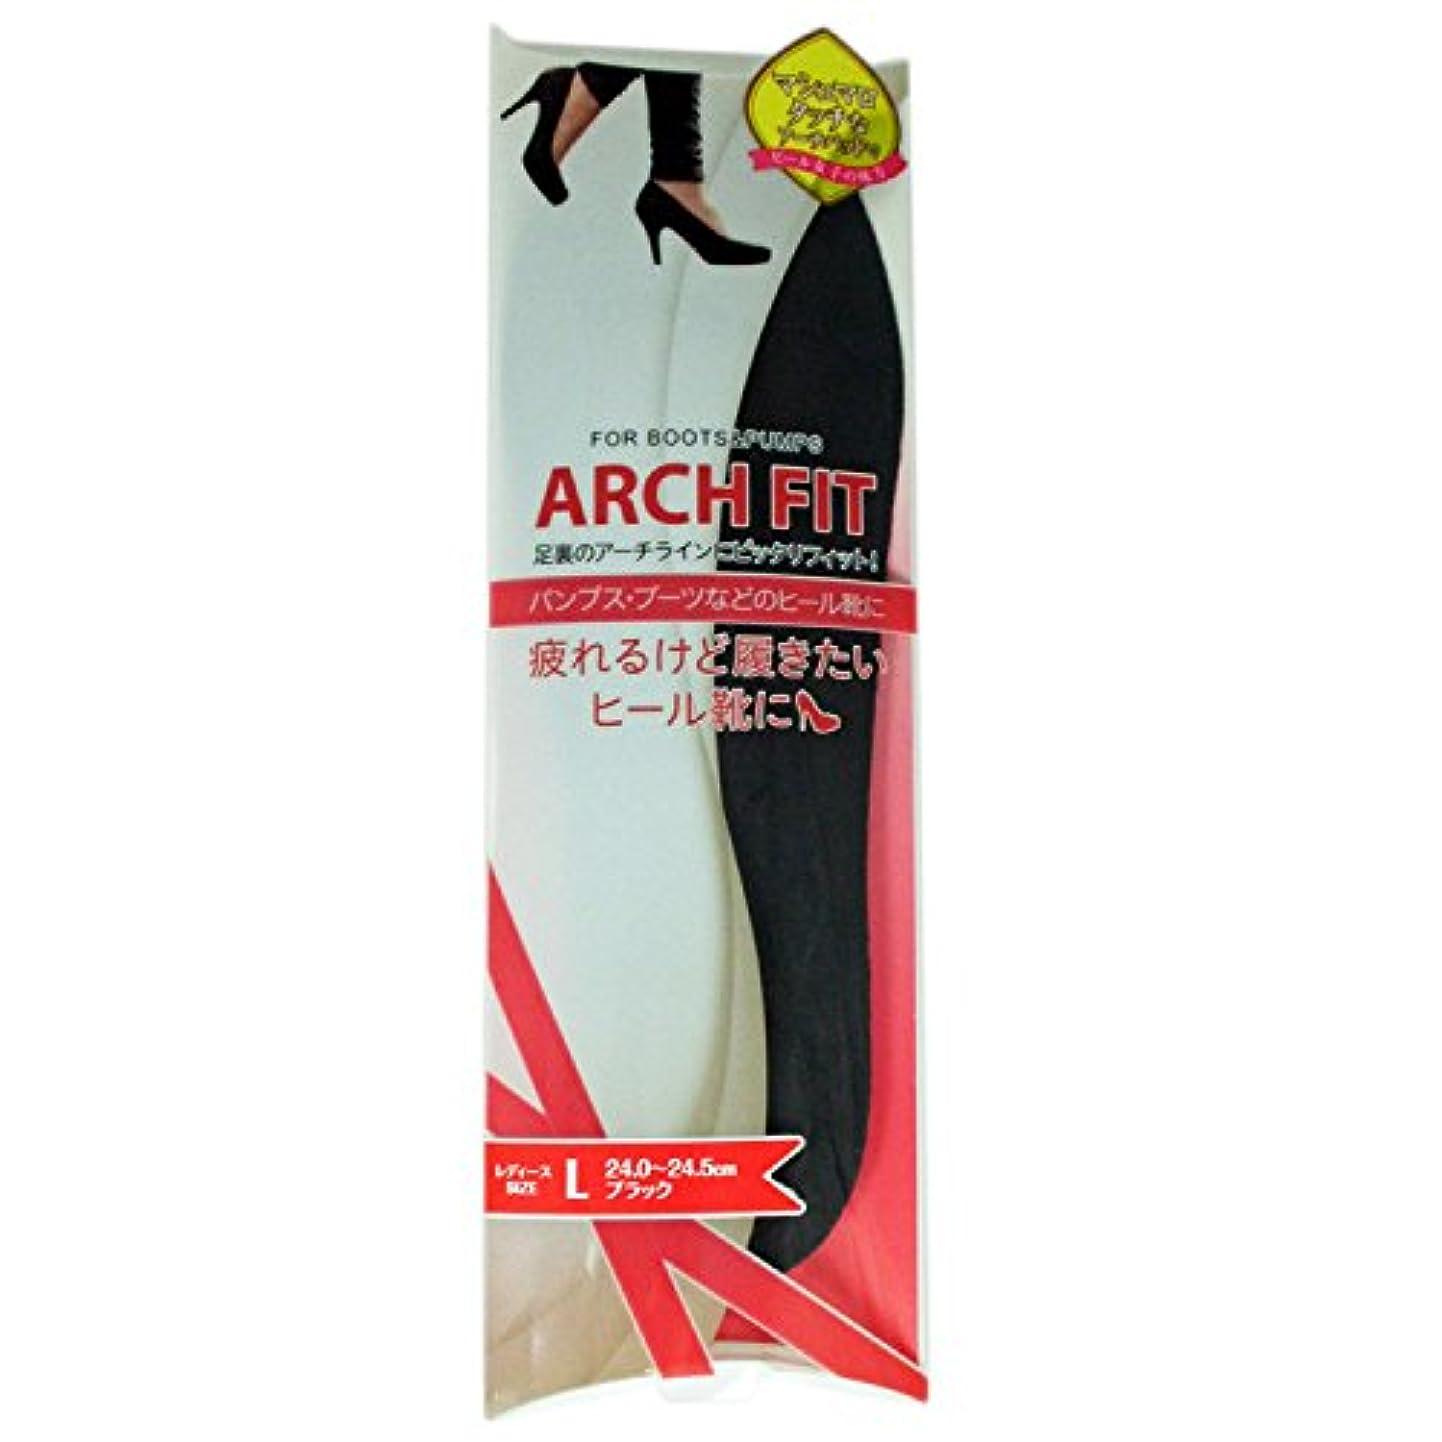 脊椎植生メッセンジャー荒川産業 アーチフィット L ブラック 24-24.5cm [インソール] 通販【全品無料配達】